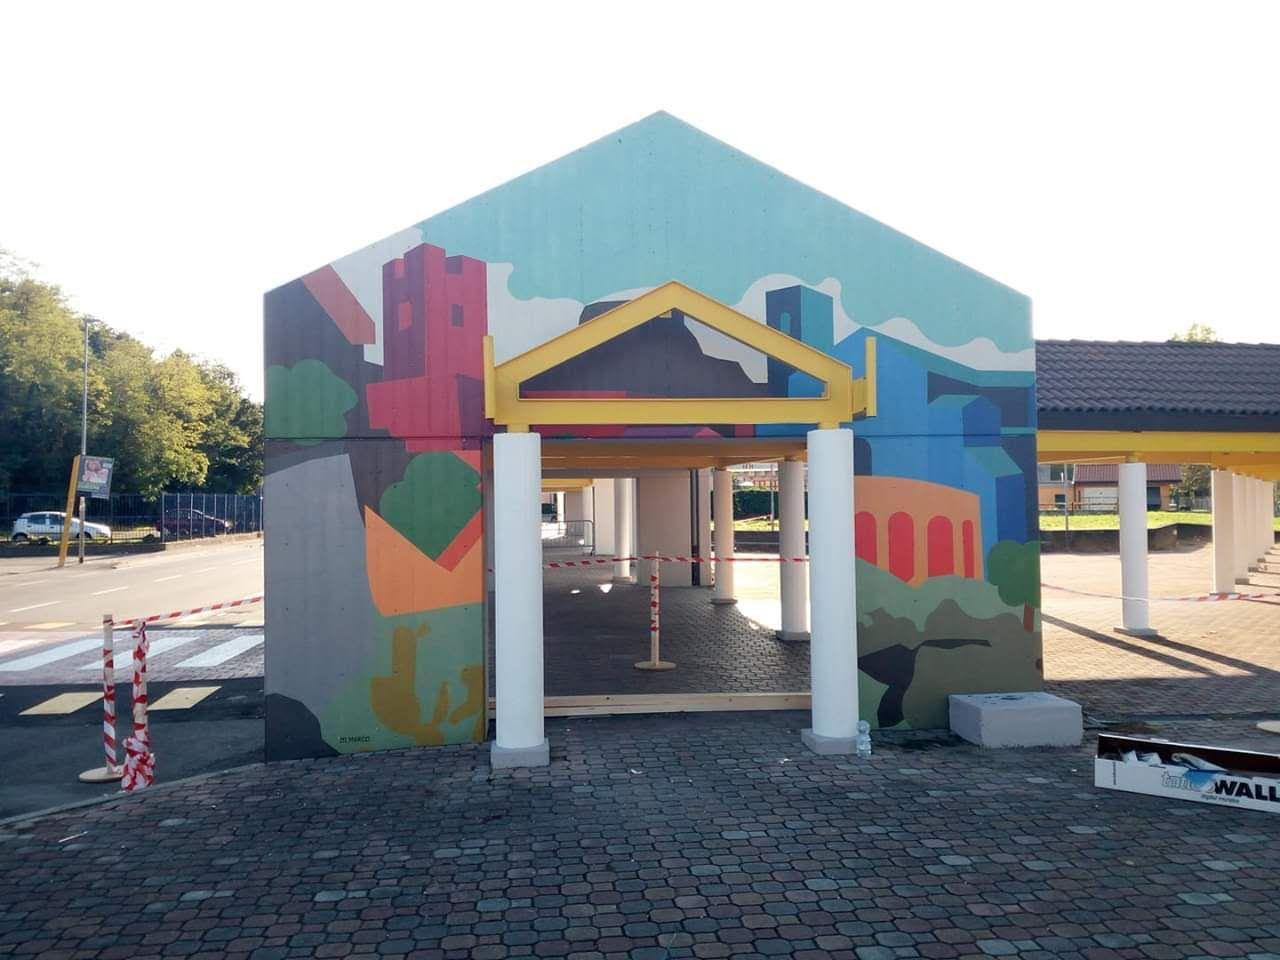 IVREA - Il terminal bus abbandonato diventa un luogo d'arte